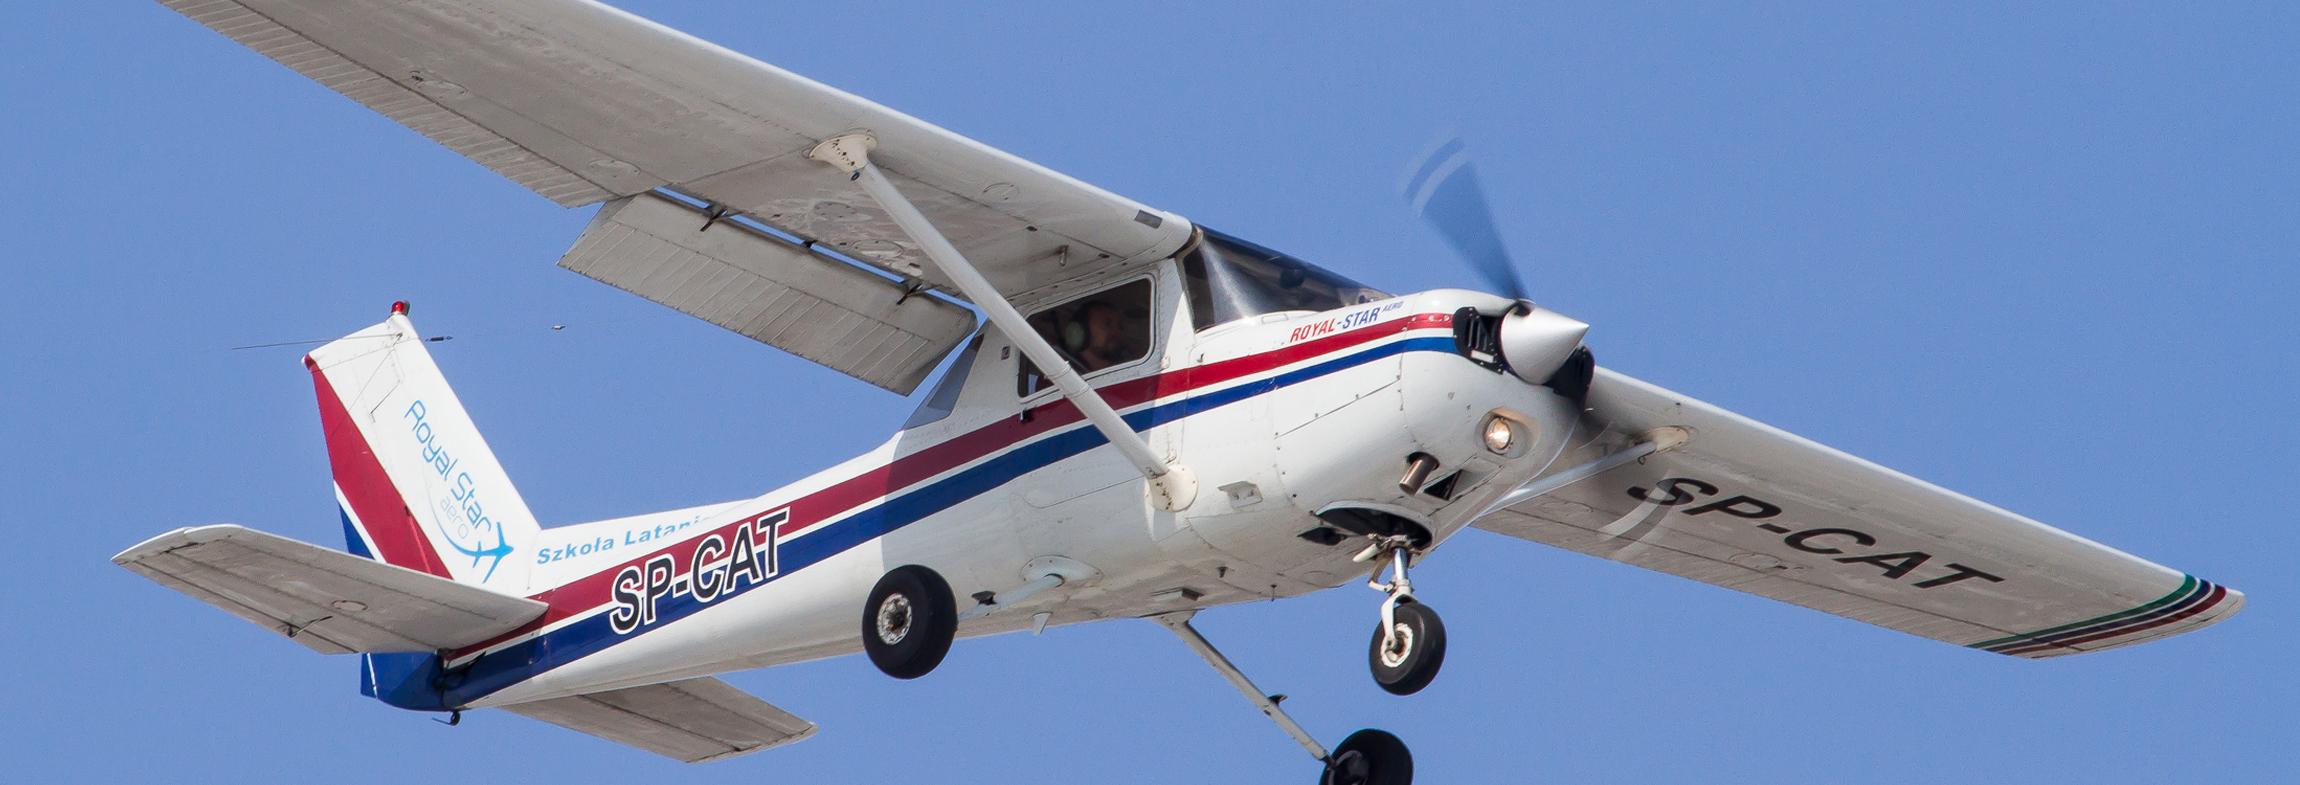 Cessna C-152 SP-CAT